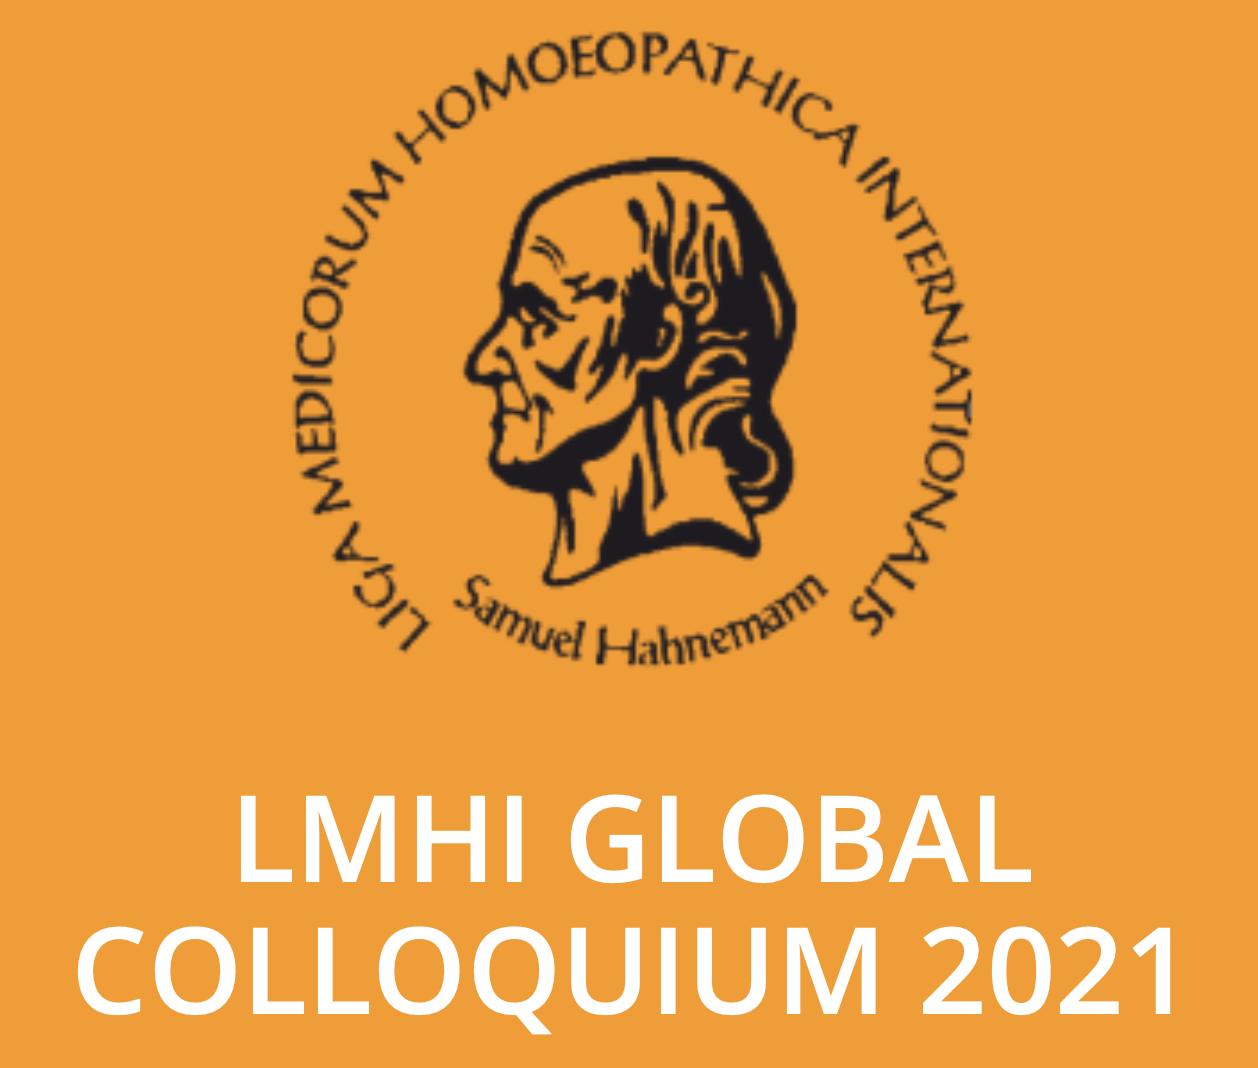 LMHI Global Colloquium 2021